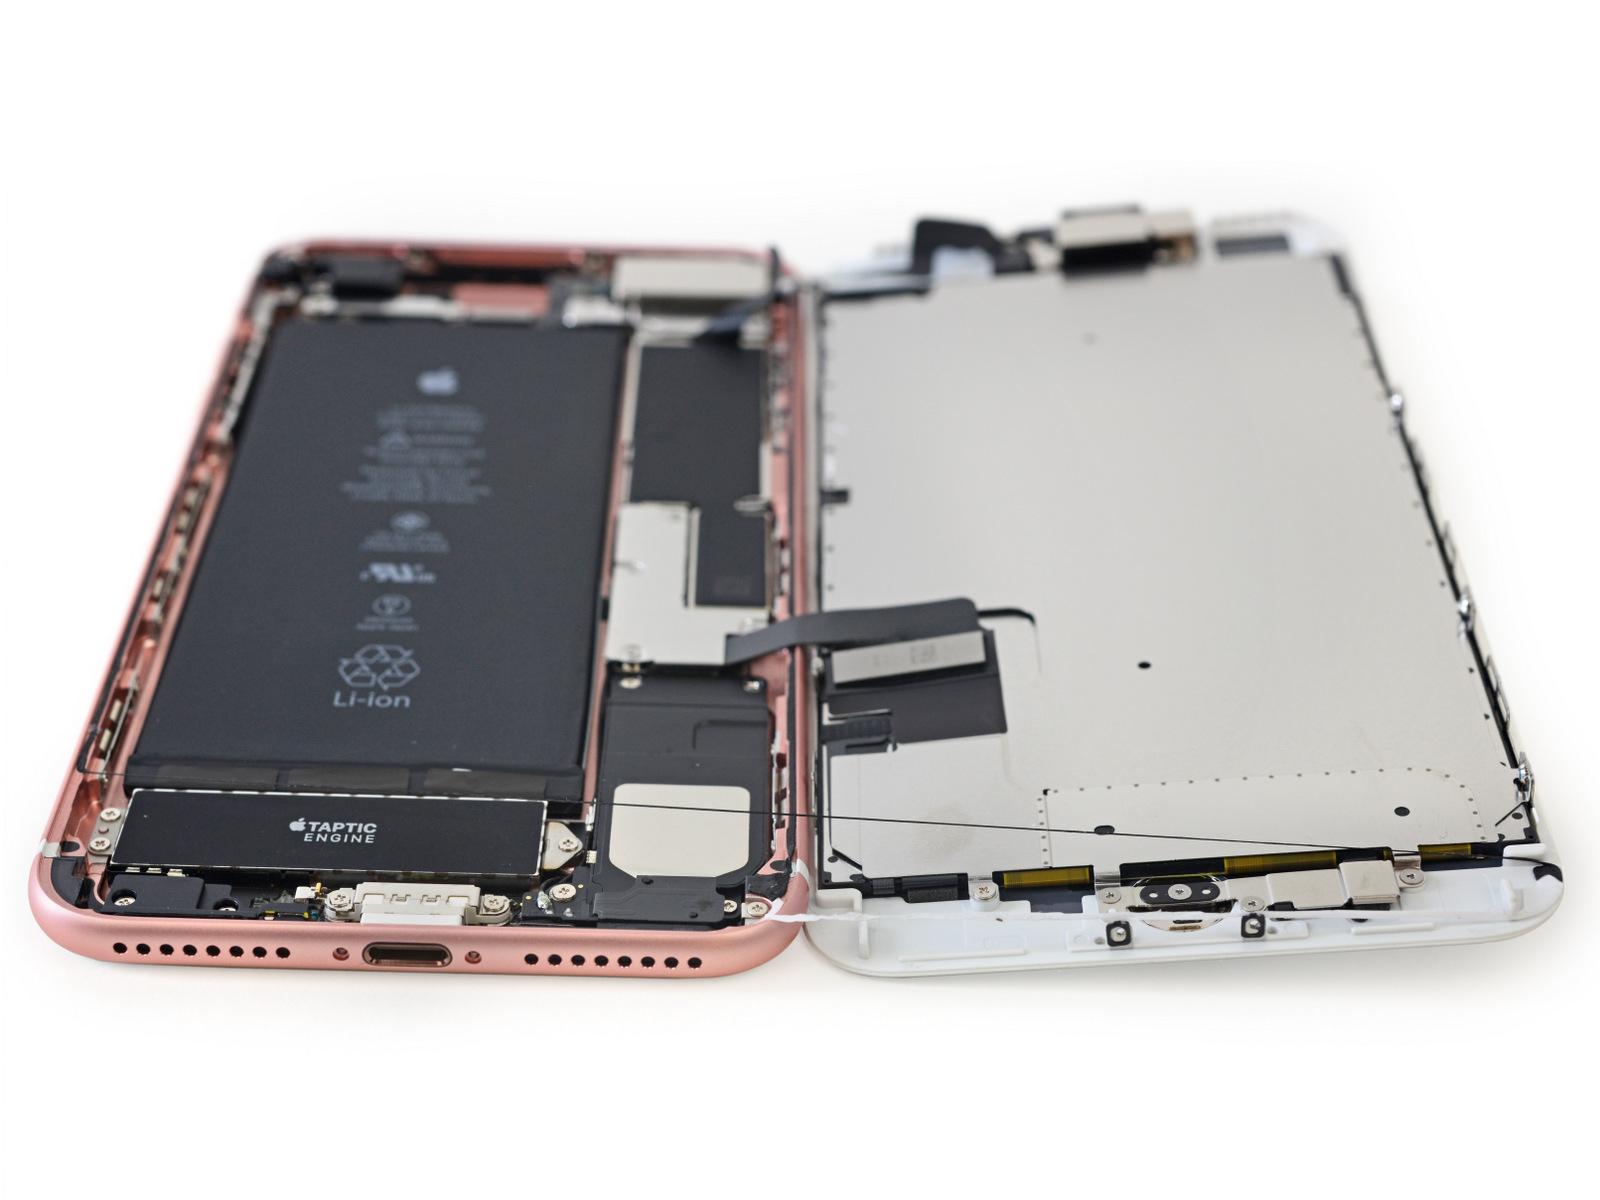 iPhone siete Plus por dentro